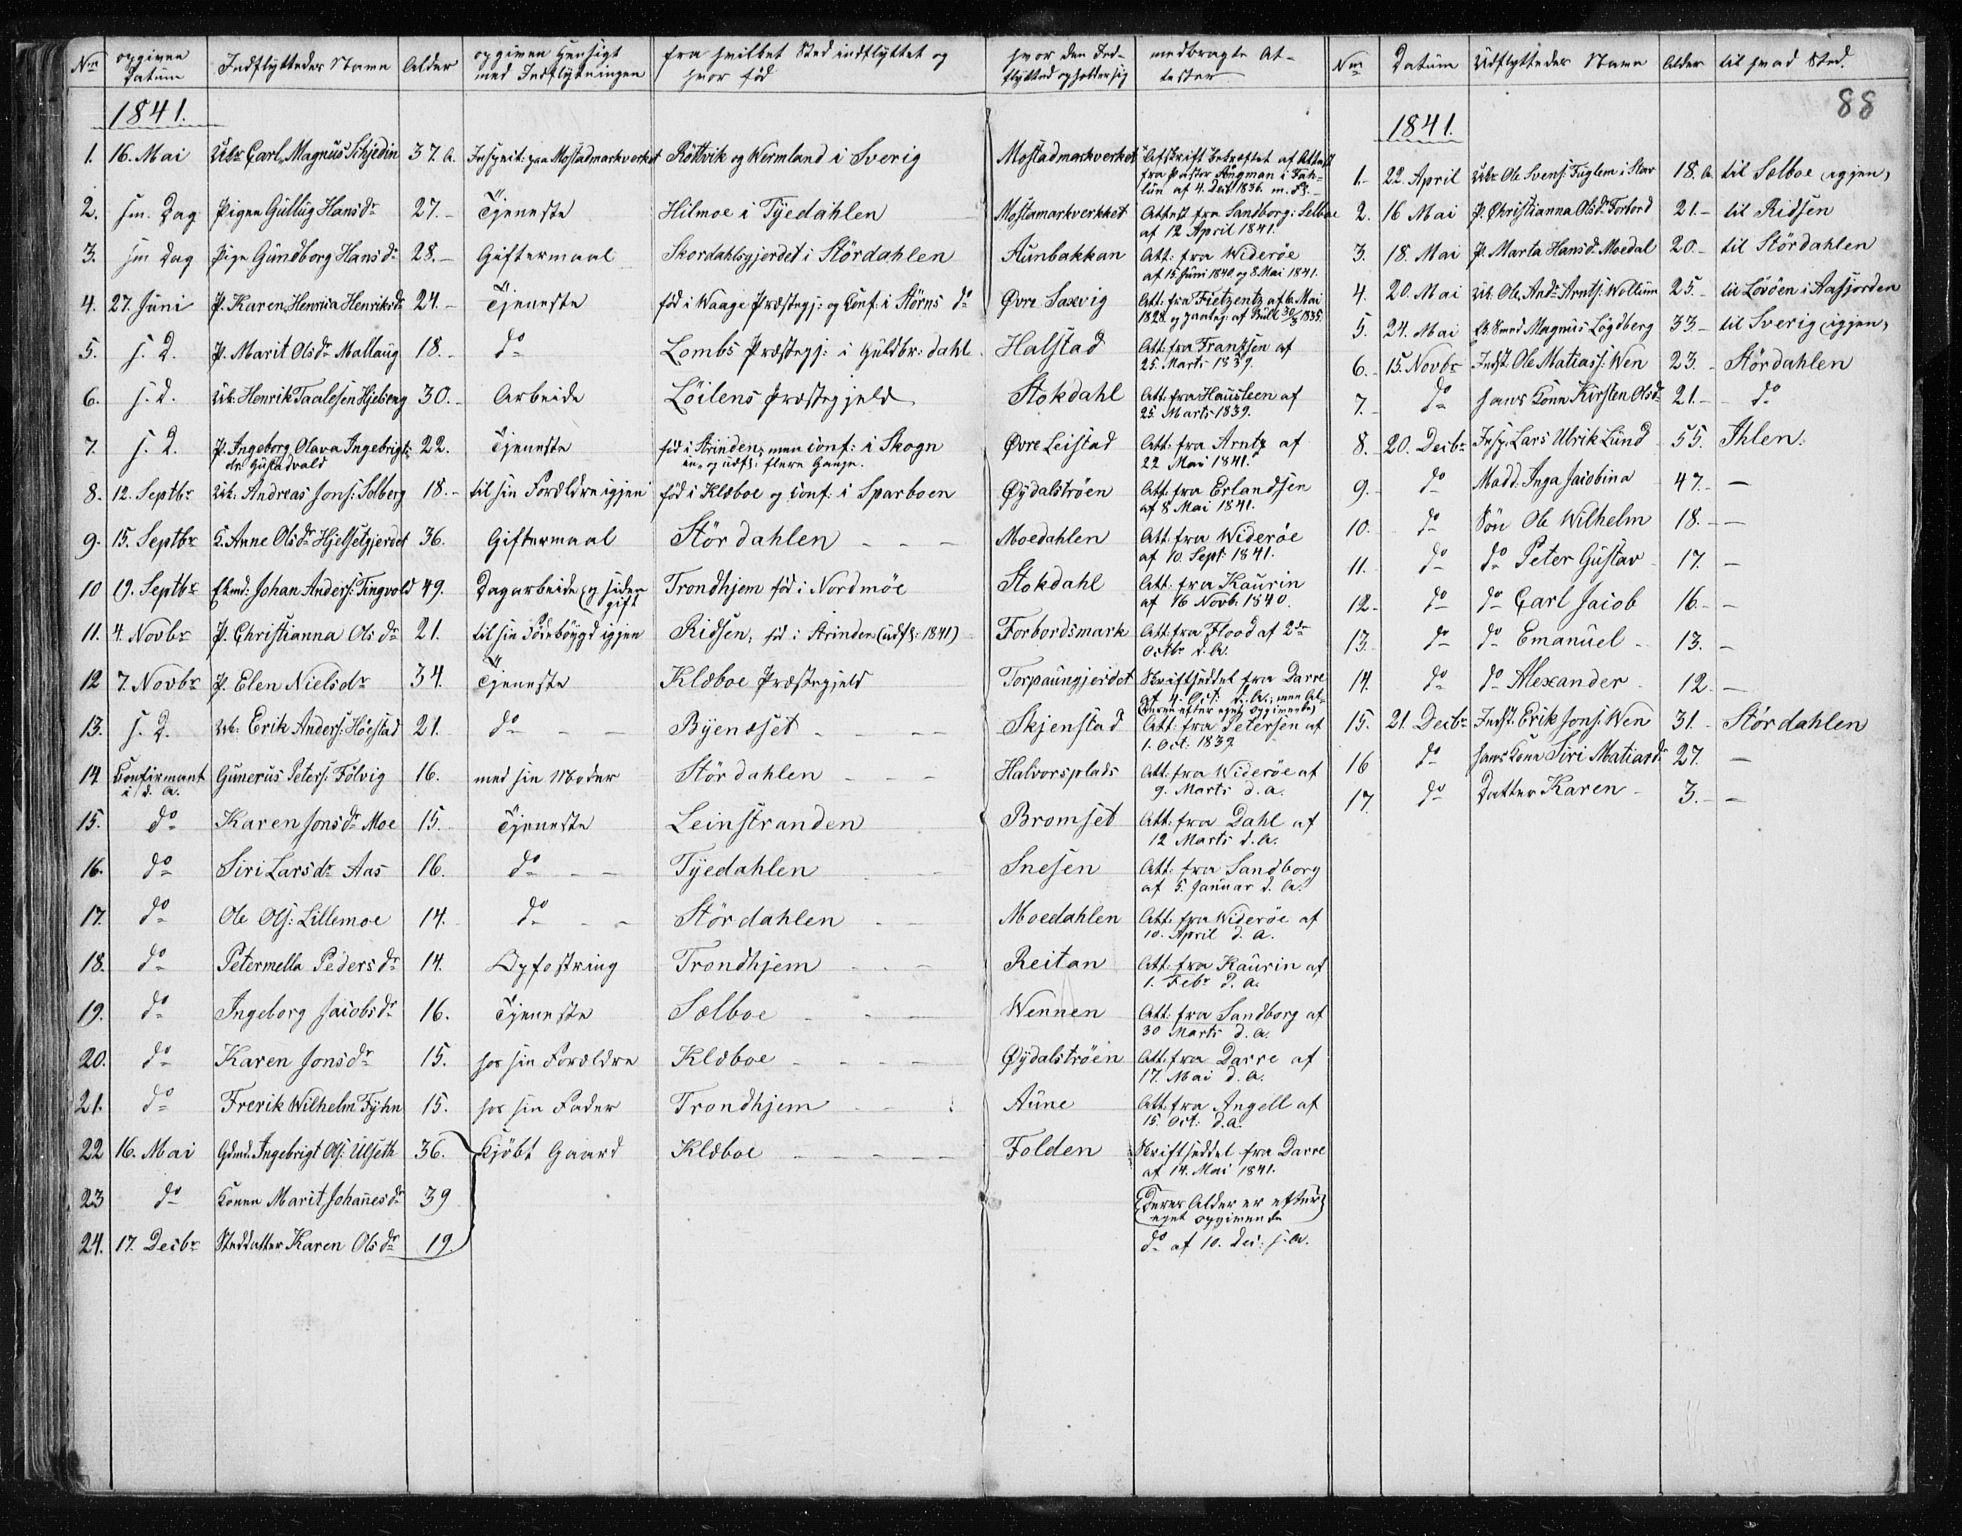 SAT, Ministerialprotokoller, klokkerbøker og fødselsregistre - Sør-Trøndelag, 616/L0405: Ministerialbok nr. 616A02, 1831-1842, s. 88